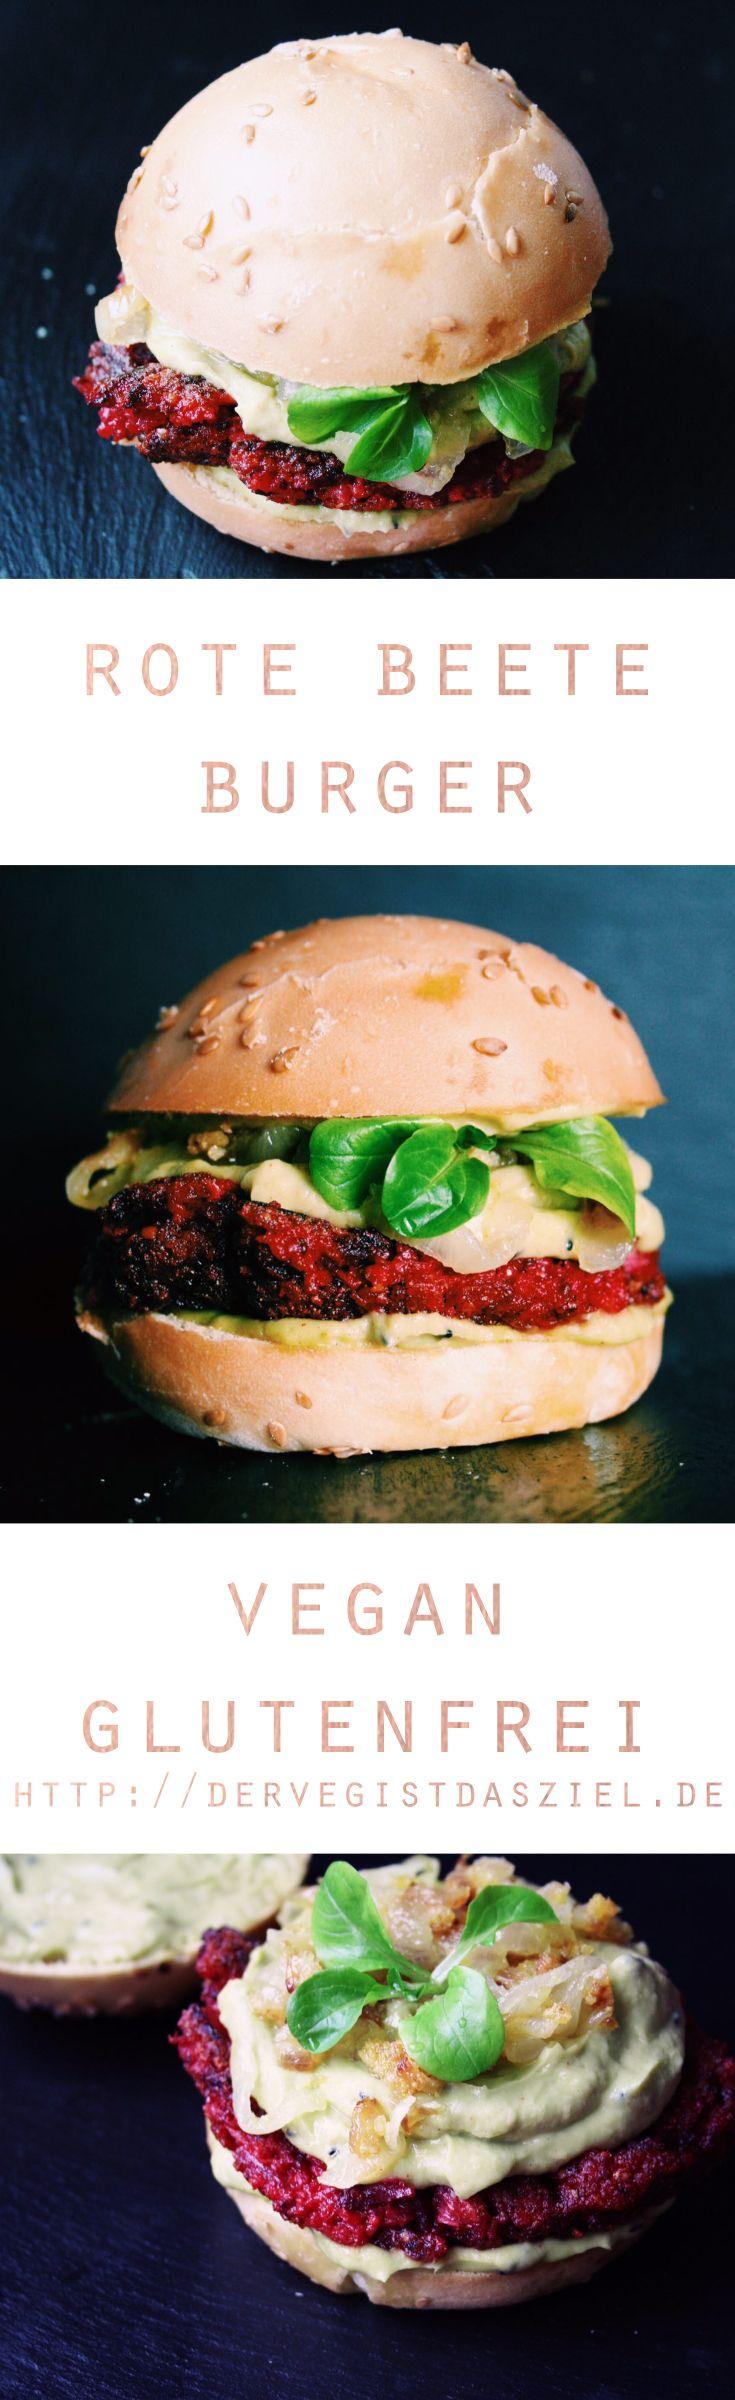 Rote Beete Burger, vegan. glutenfrei